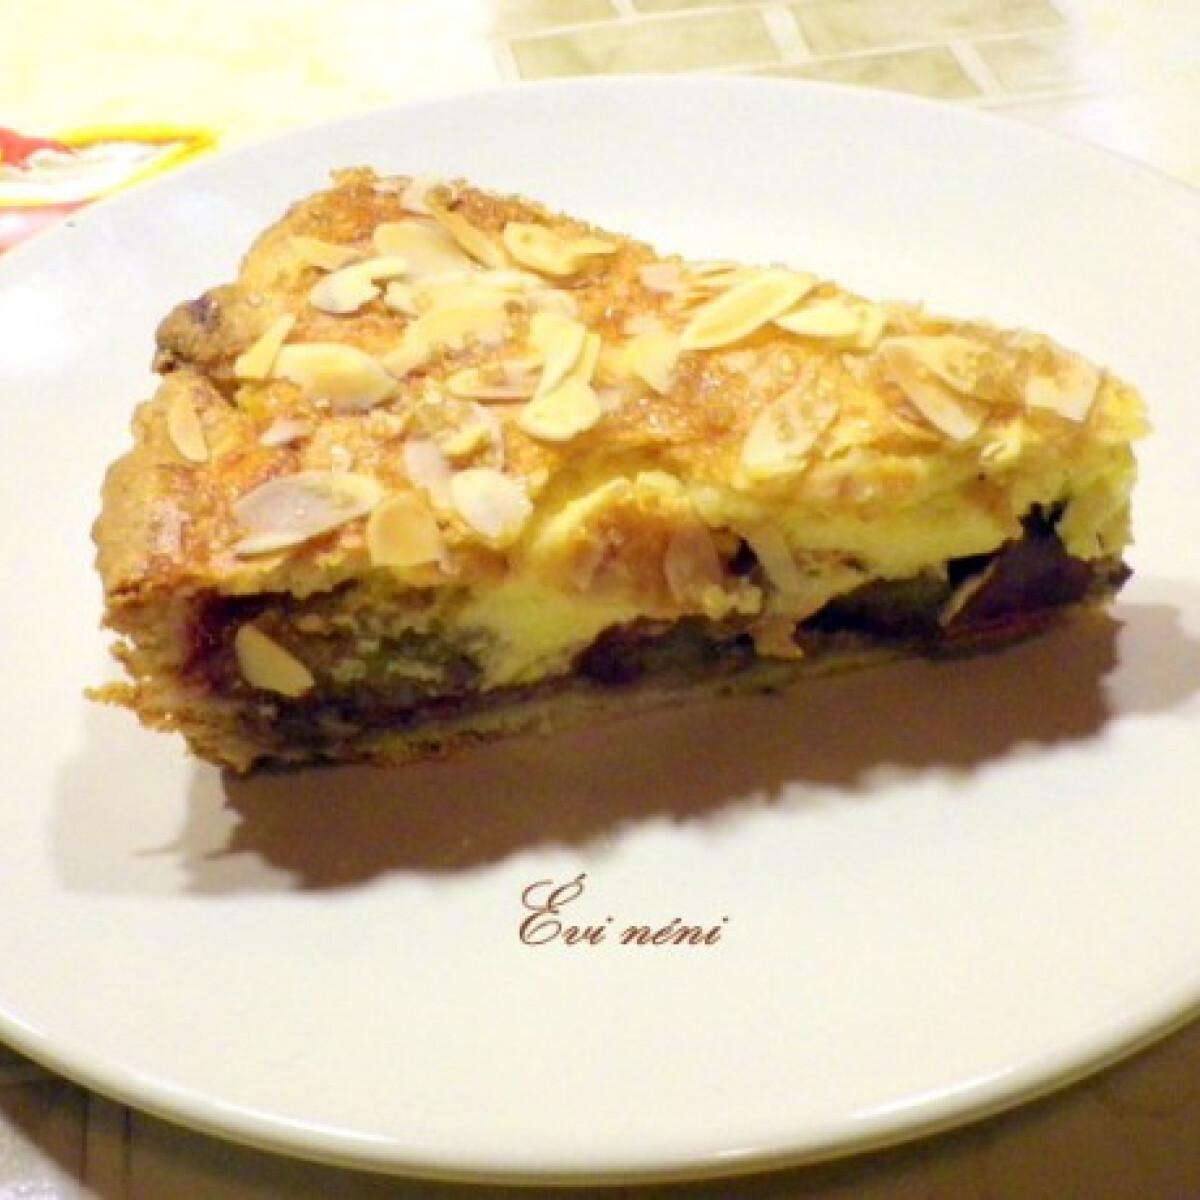 Ezen a képen: Szilvás pite Évi néni konyhájából